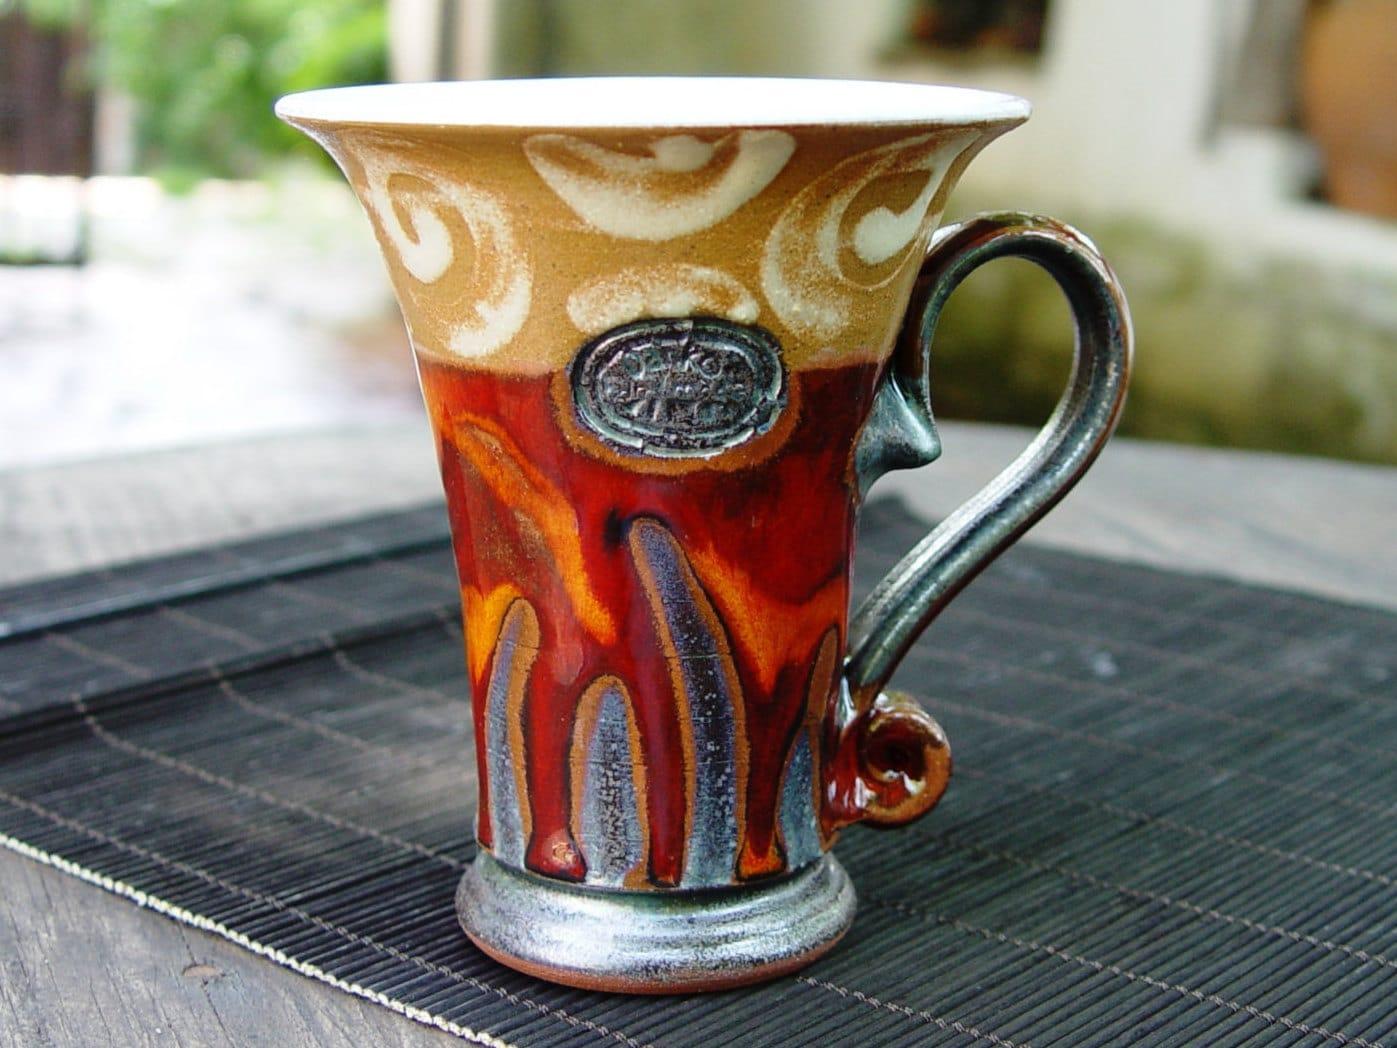 Ceramics And Pottery Coffee Mug Red Tea Mug Unique Ceramic Mug Cute Handmade Mug Handcrafted Mug Art Pottery Danko Pottery